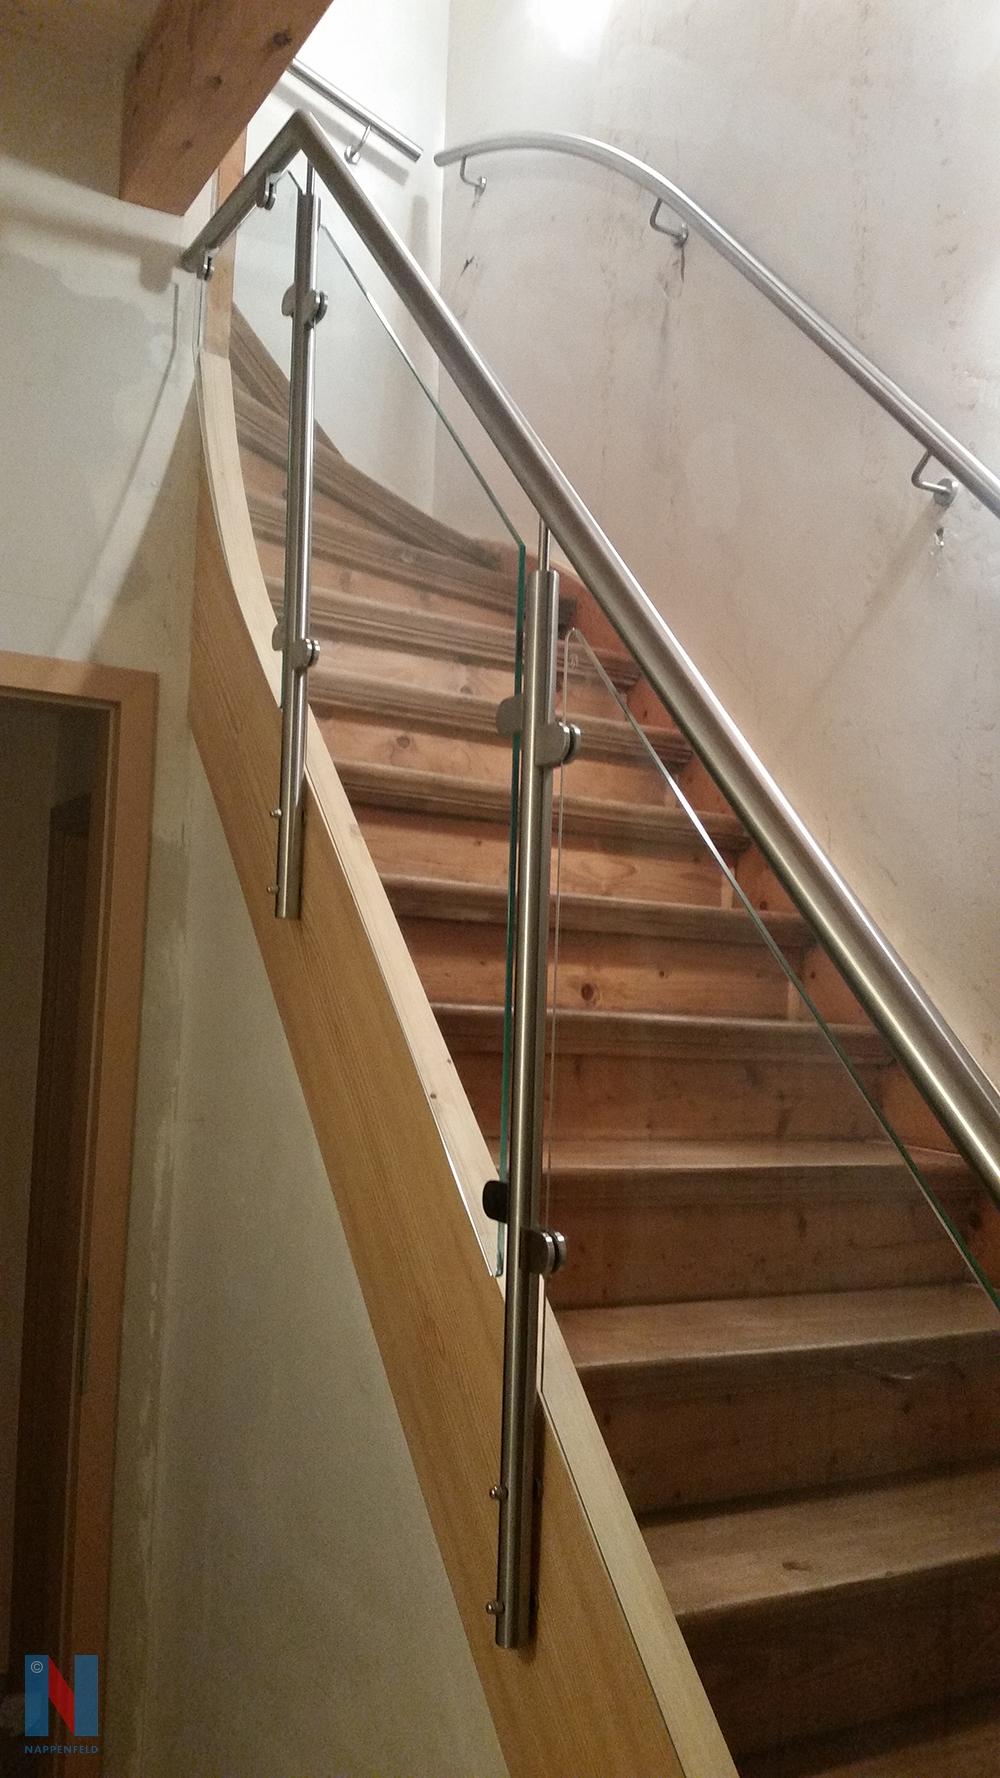 Ein Edelstahlgeländer in Kombination mit Sicherheitsglas fertigte die Edelstahlschlosserei Nappenfeld aus Mühlheim für eine Holztreppe in einem Einfamilienhaus